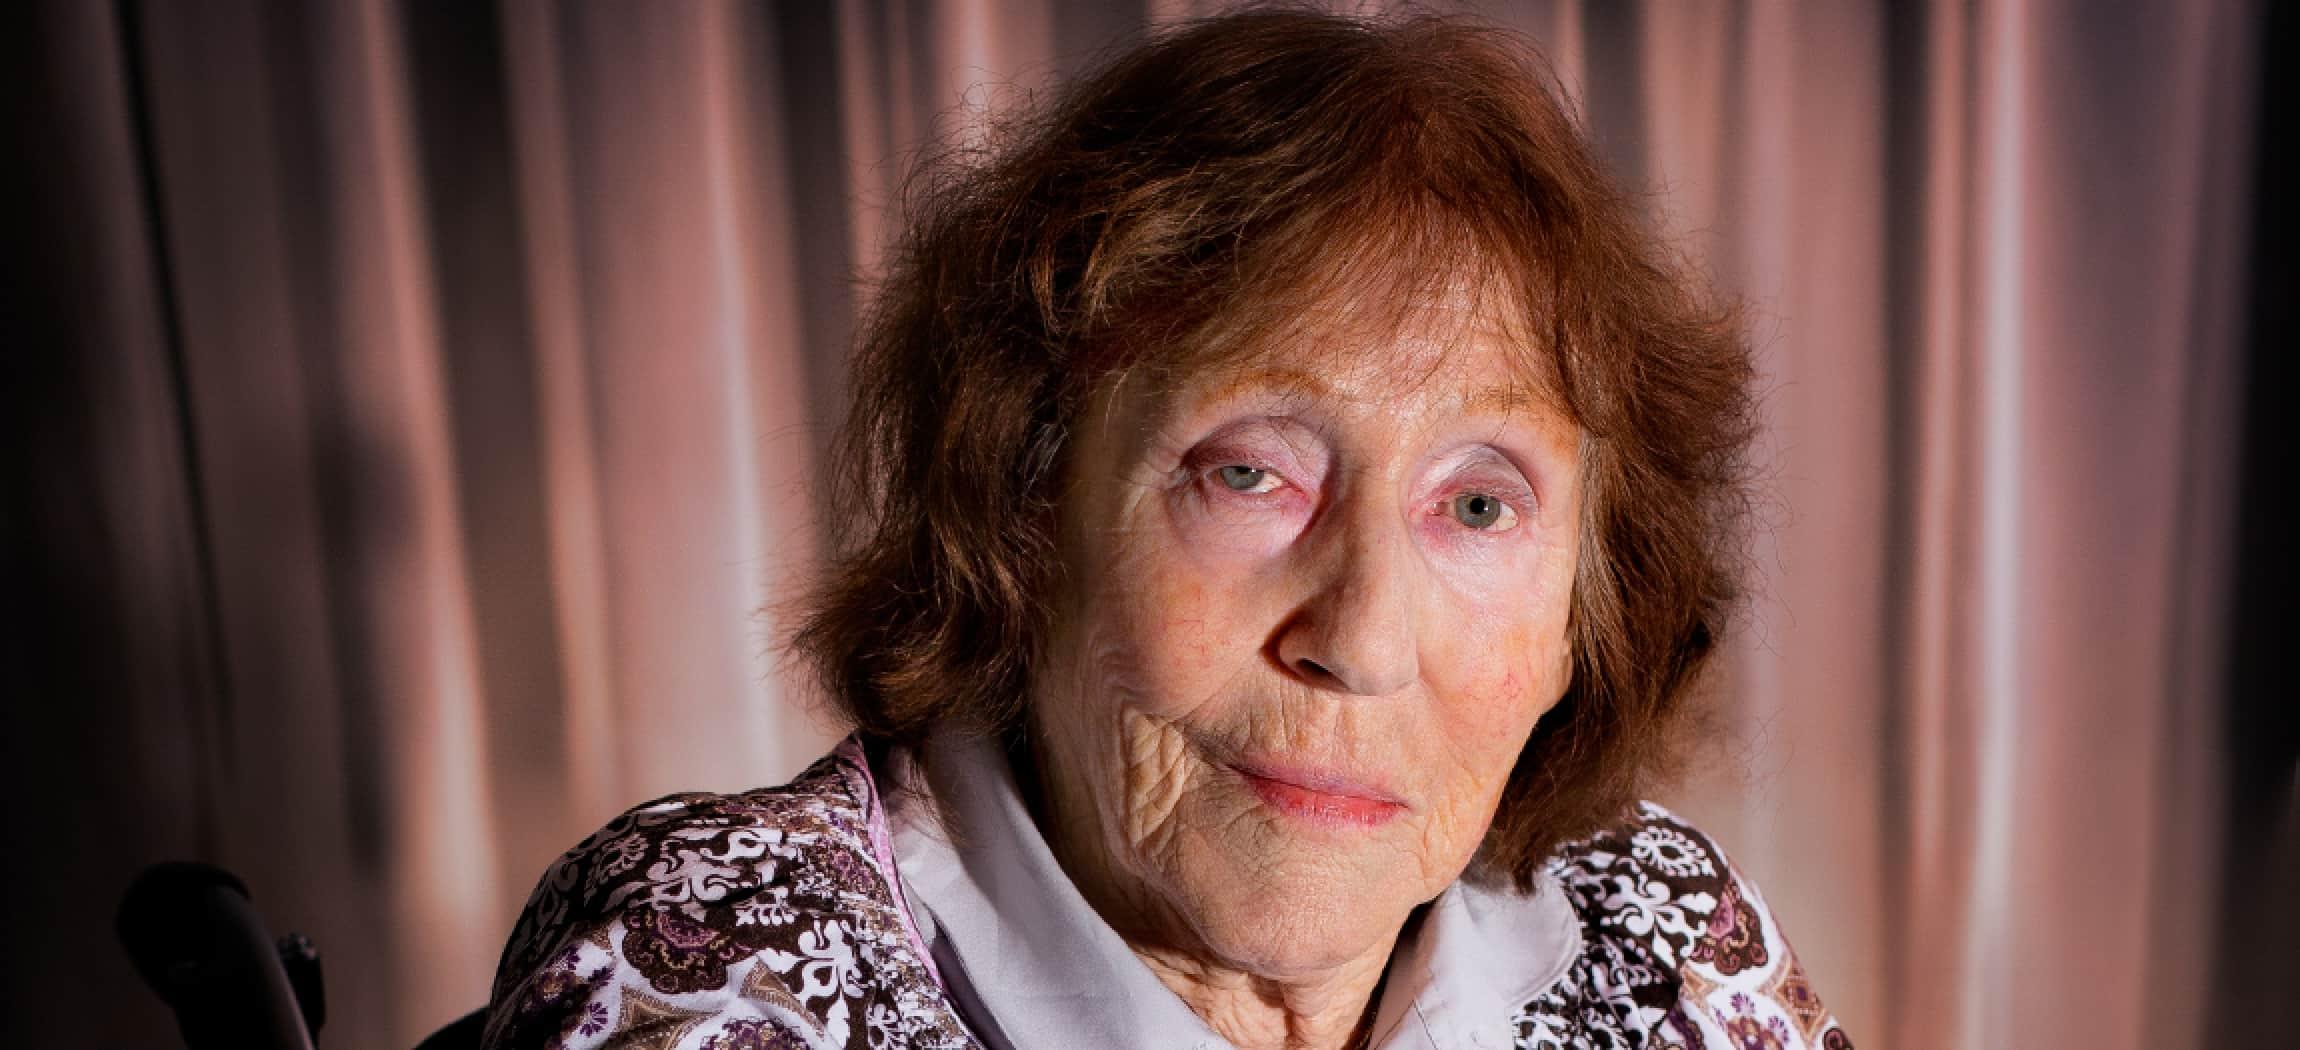 Mevrouw Weij (85) woont in verpleeghuis Rozenholm Aalsmeer - uit de serie Mensen van Amstelring